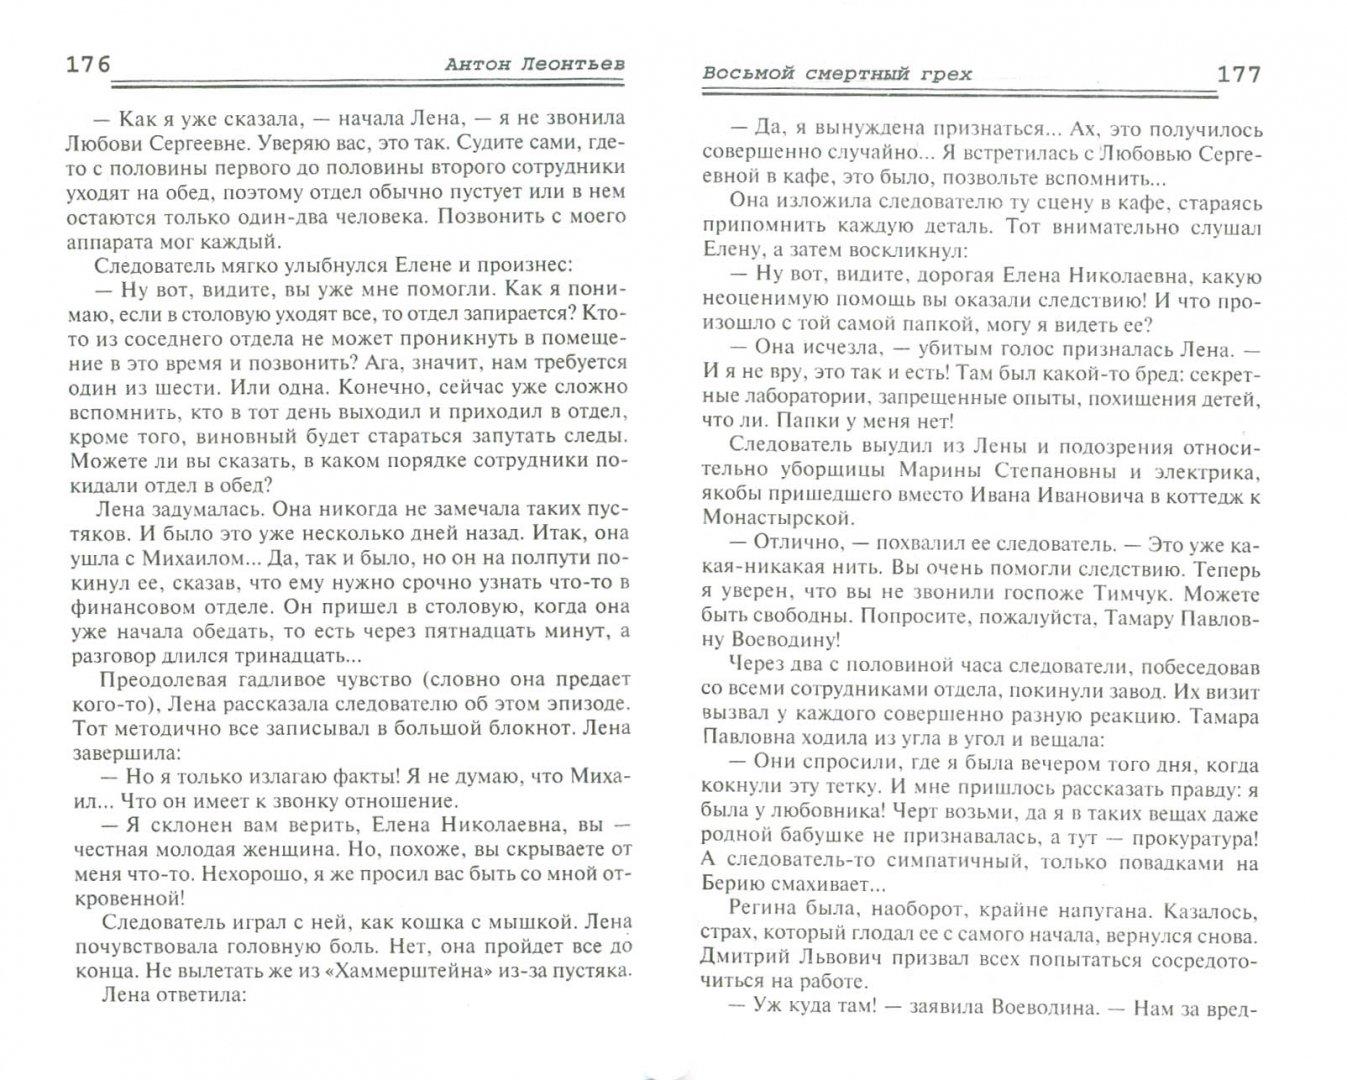 Иллюстрация 1 из 6 для Восьмой смертный грех - Антон Леонтьев | Лабиринт - книги. Источник: Лабиринт